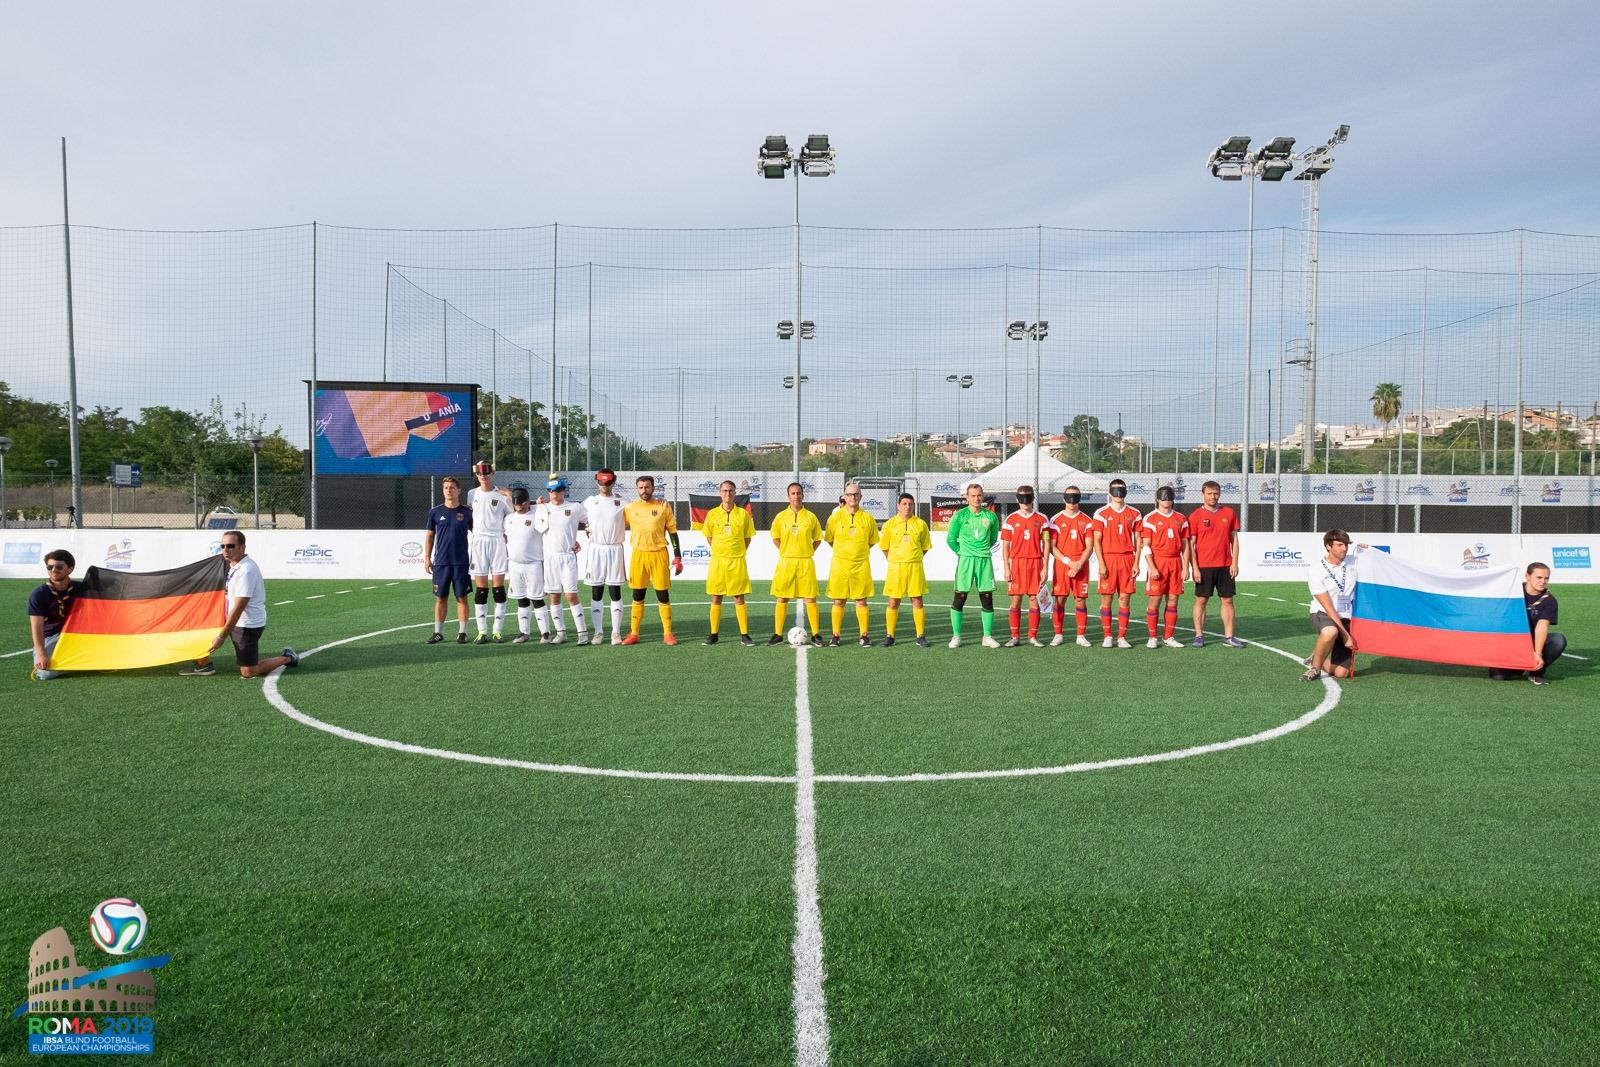 Сборная команда России по мини-футболу 5х5 класс В1 (тотально-слепые спортсмены) сыграла вничью со сборной Германии в заключительном матче группового этапа  чемпионата Европы в Италии